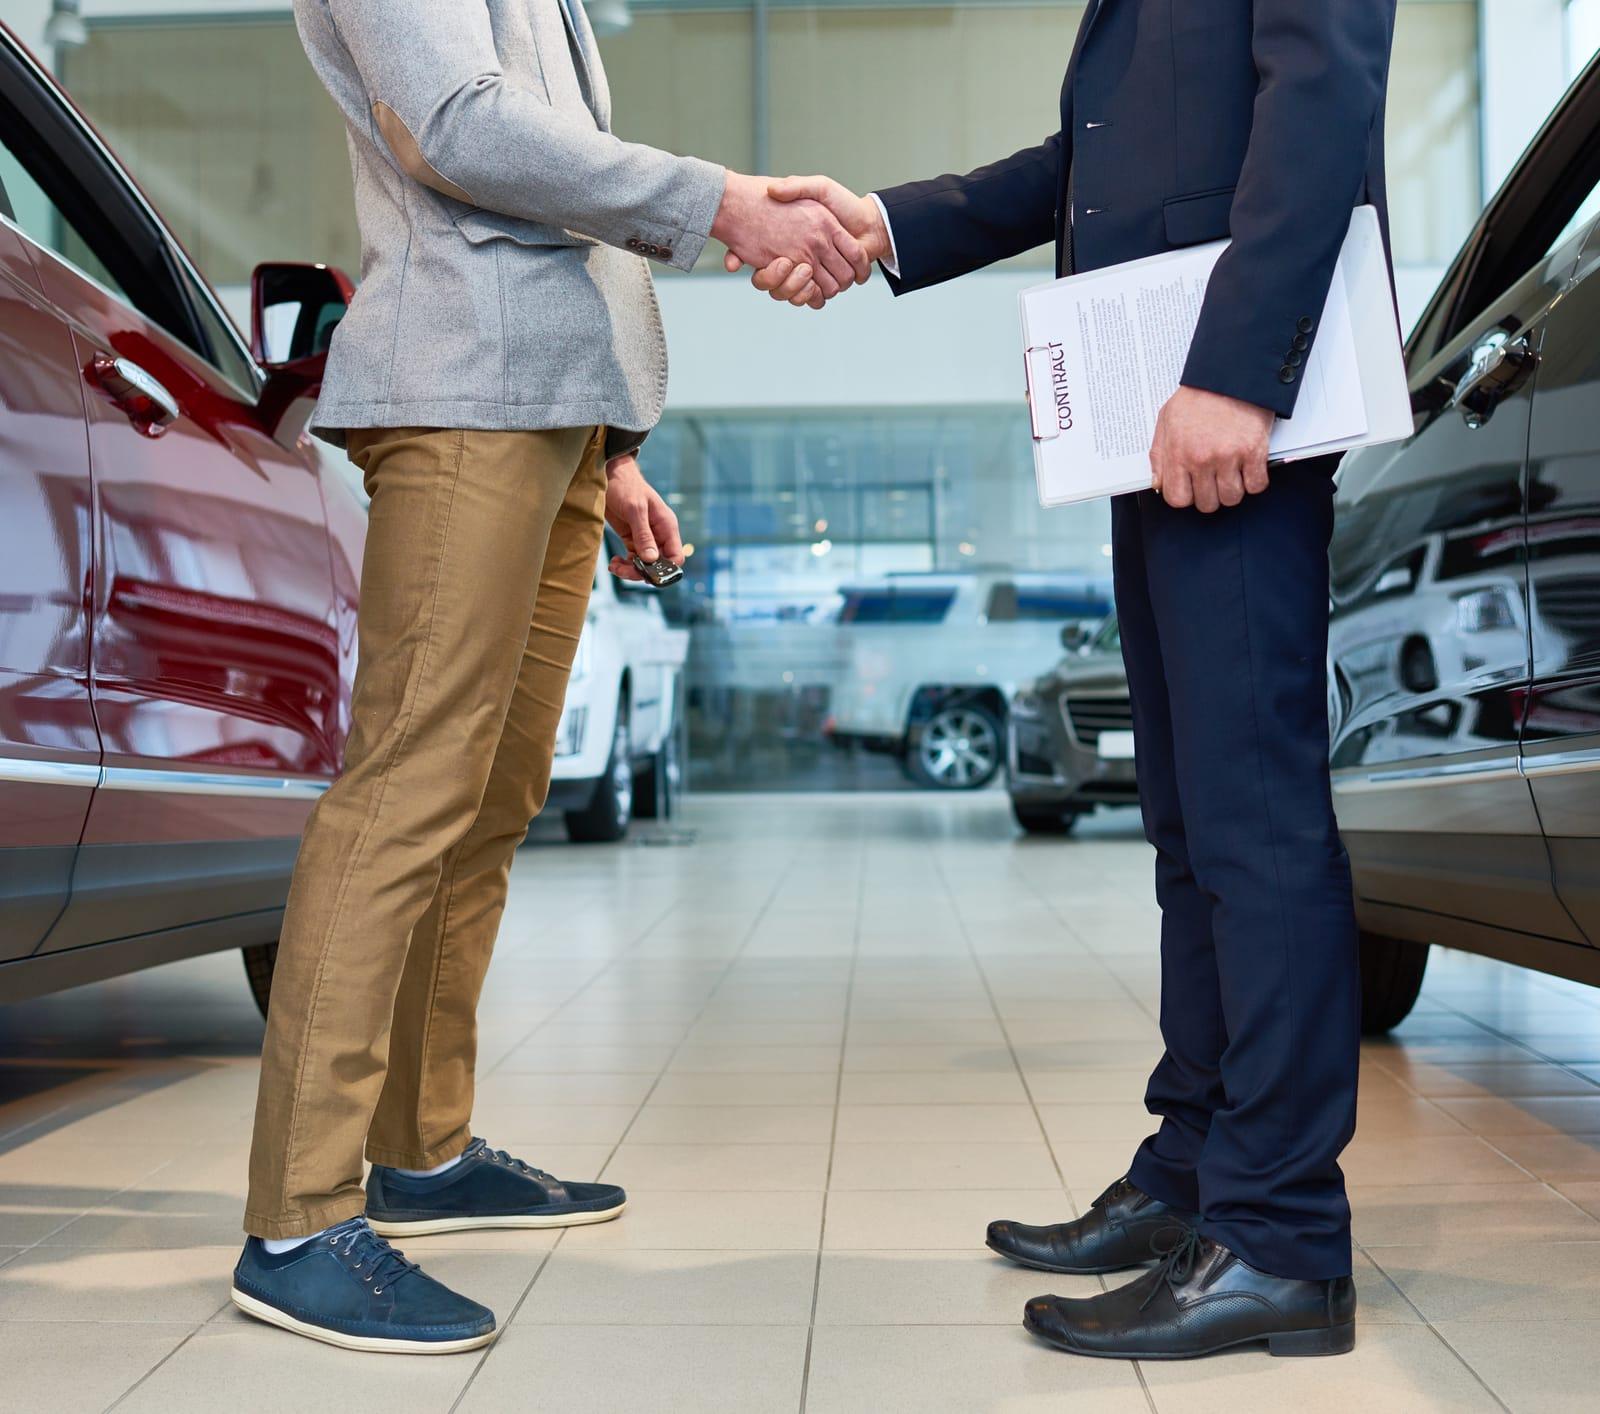 Best Car Loans 2019 Valuechampion Singapore